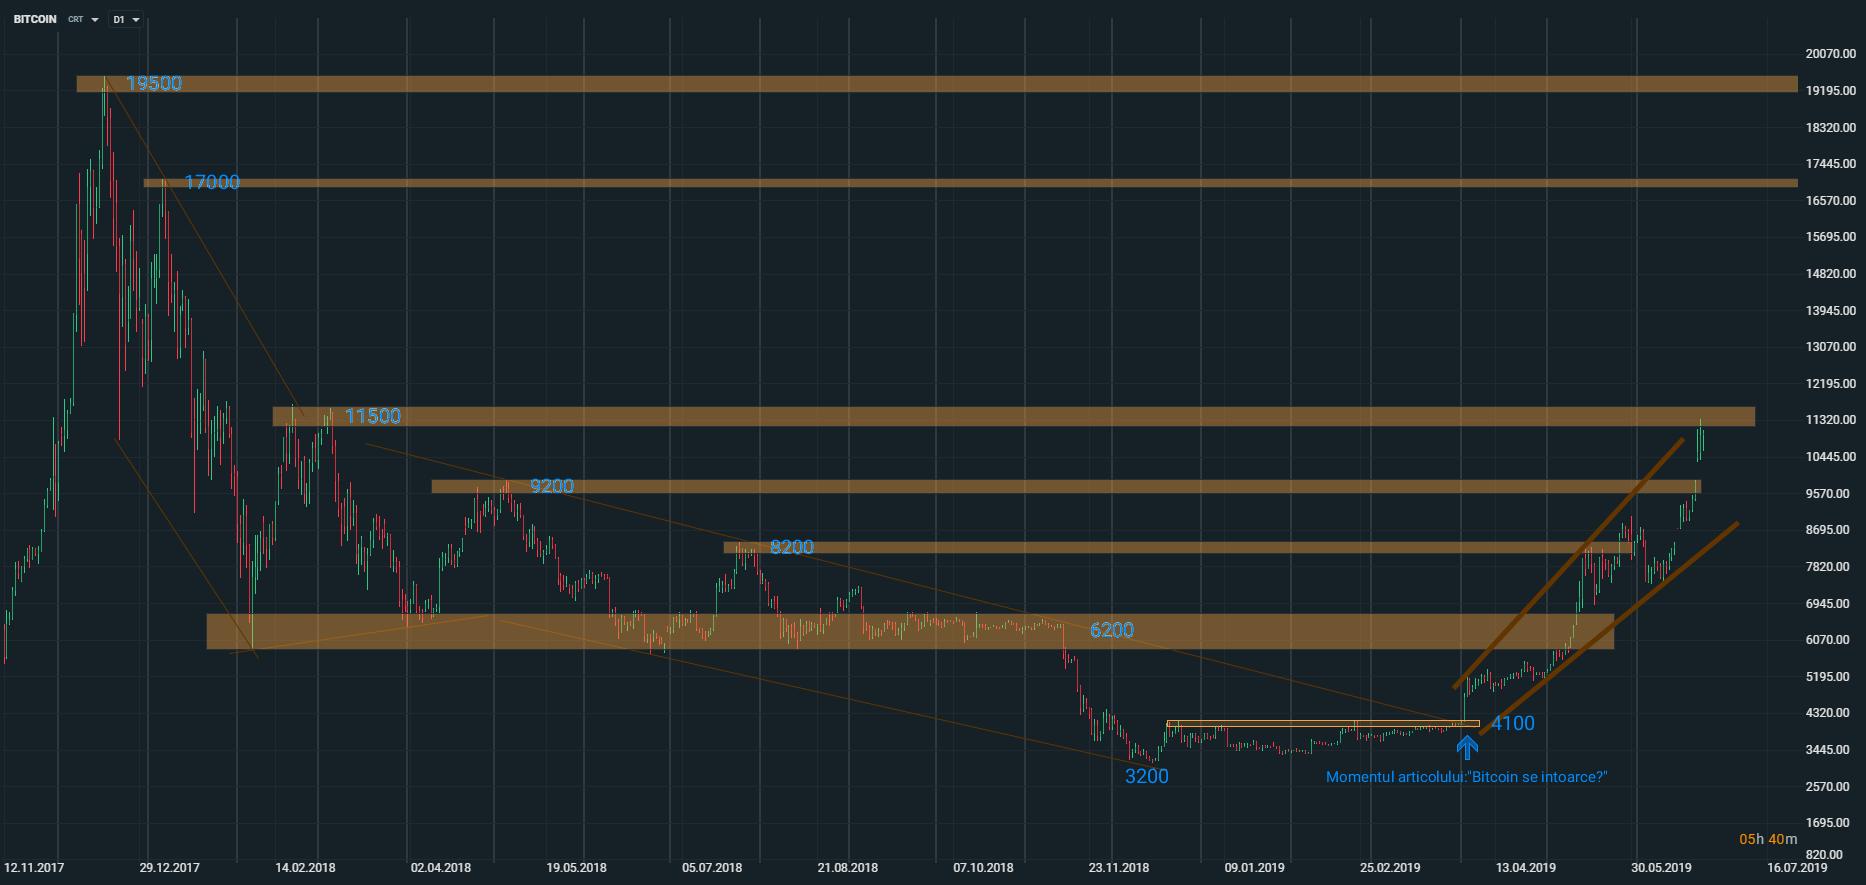 investiție în graficul USD din bitcoin schimb real de opțiuni binare